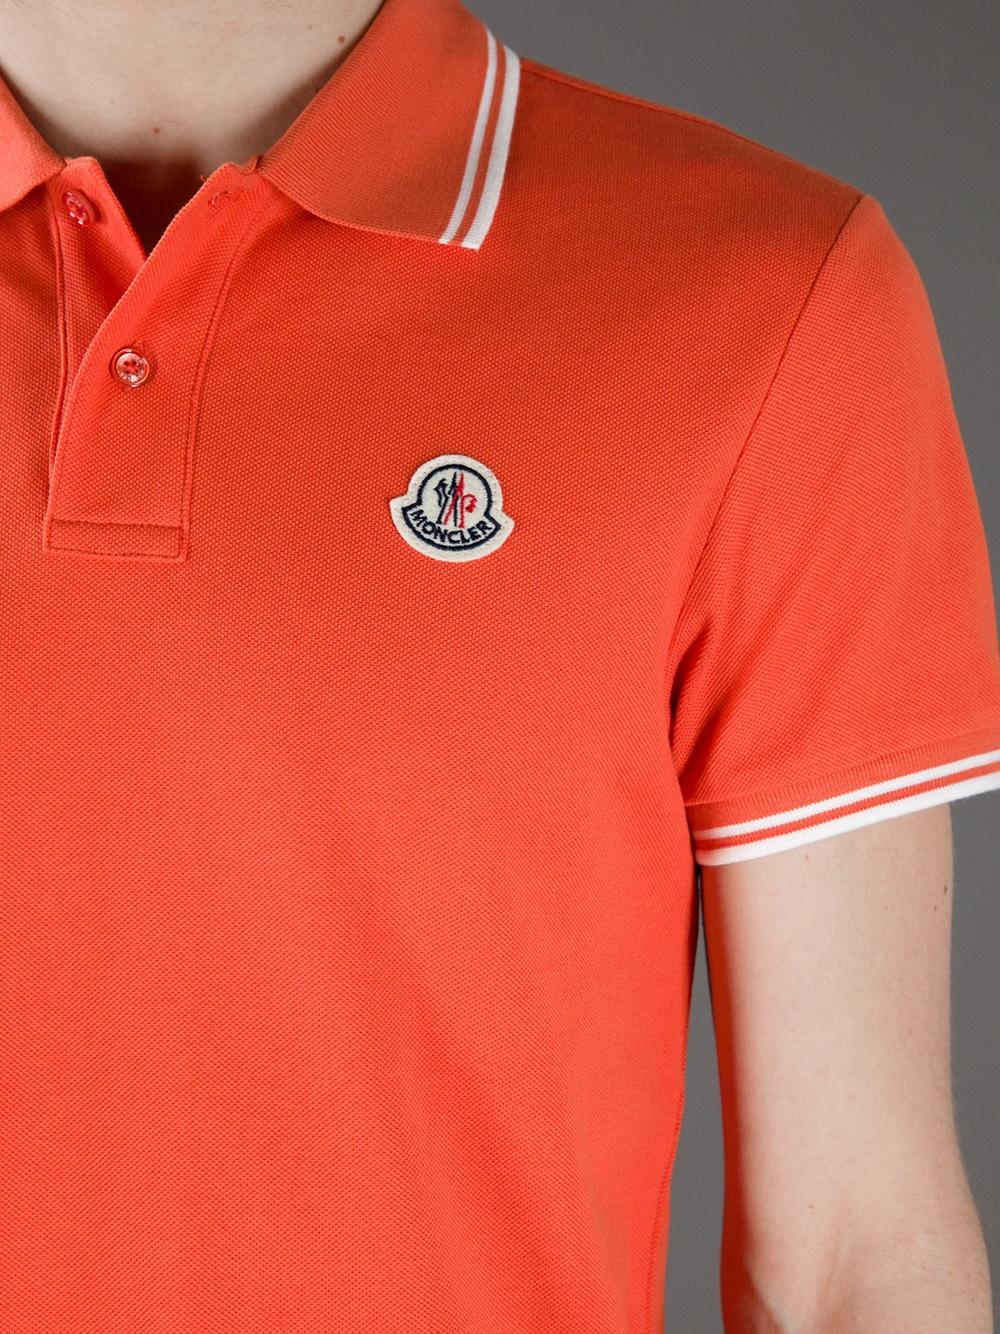 orange moncler t shirt